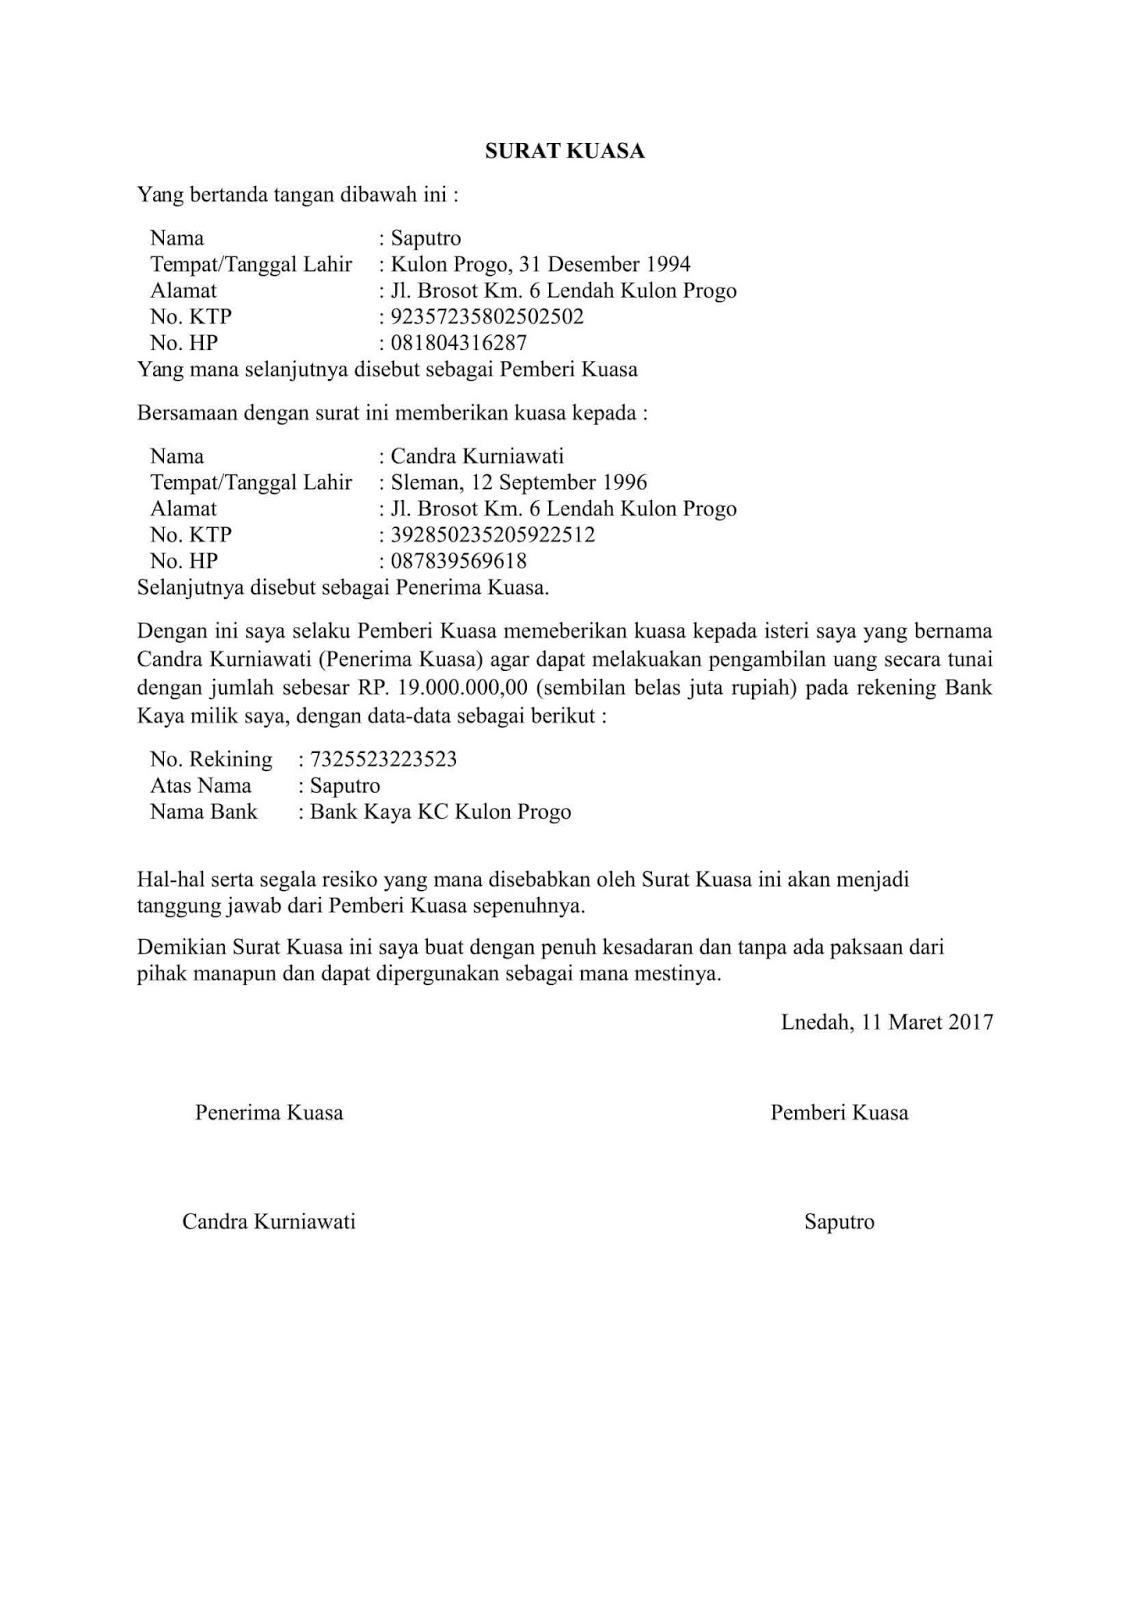 Contoh Surat Kuasa Pengambilan Bpkb Ijazah Ataupun Akta